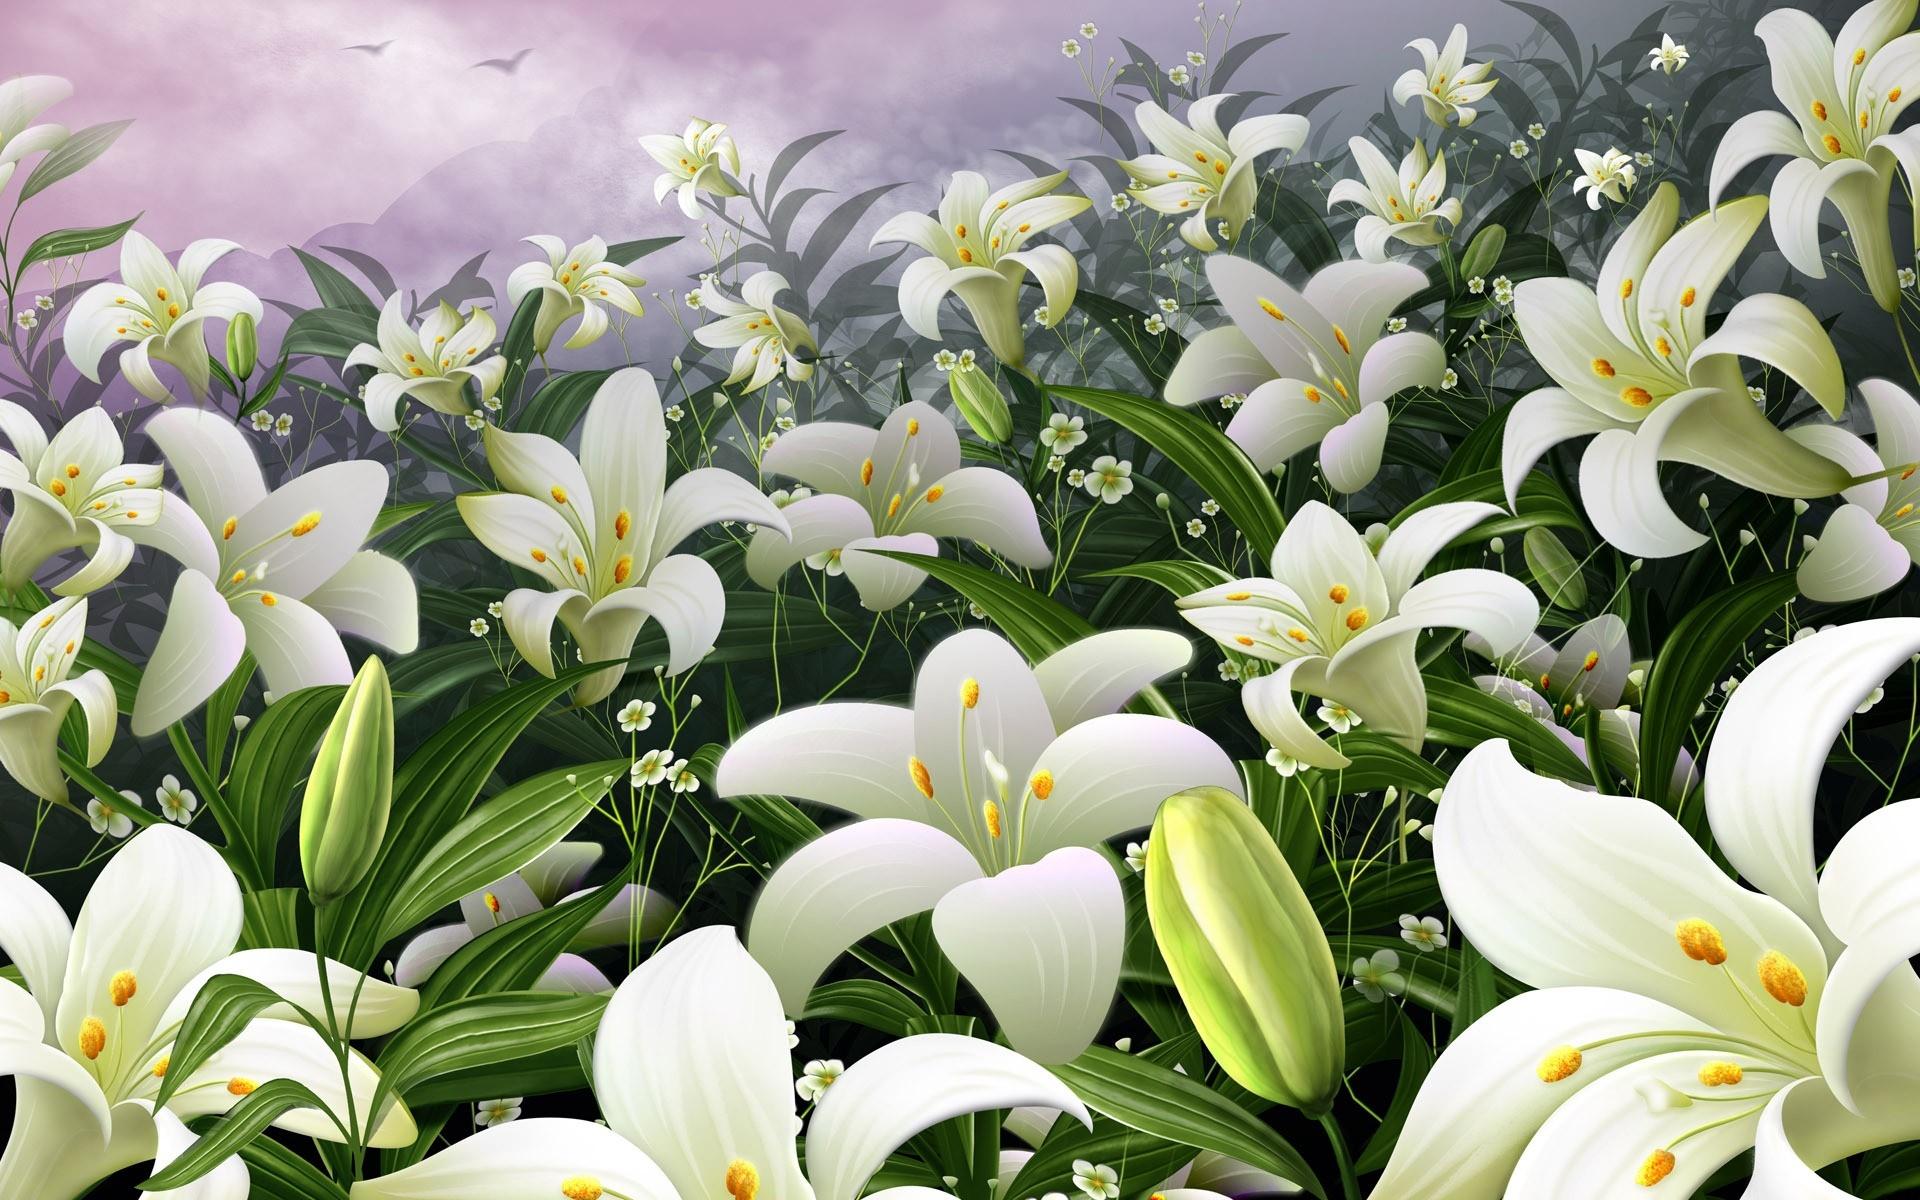 картинки ромашки с лилиями садовой